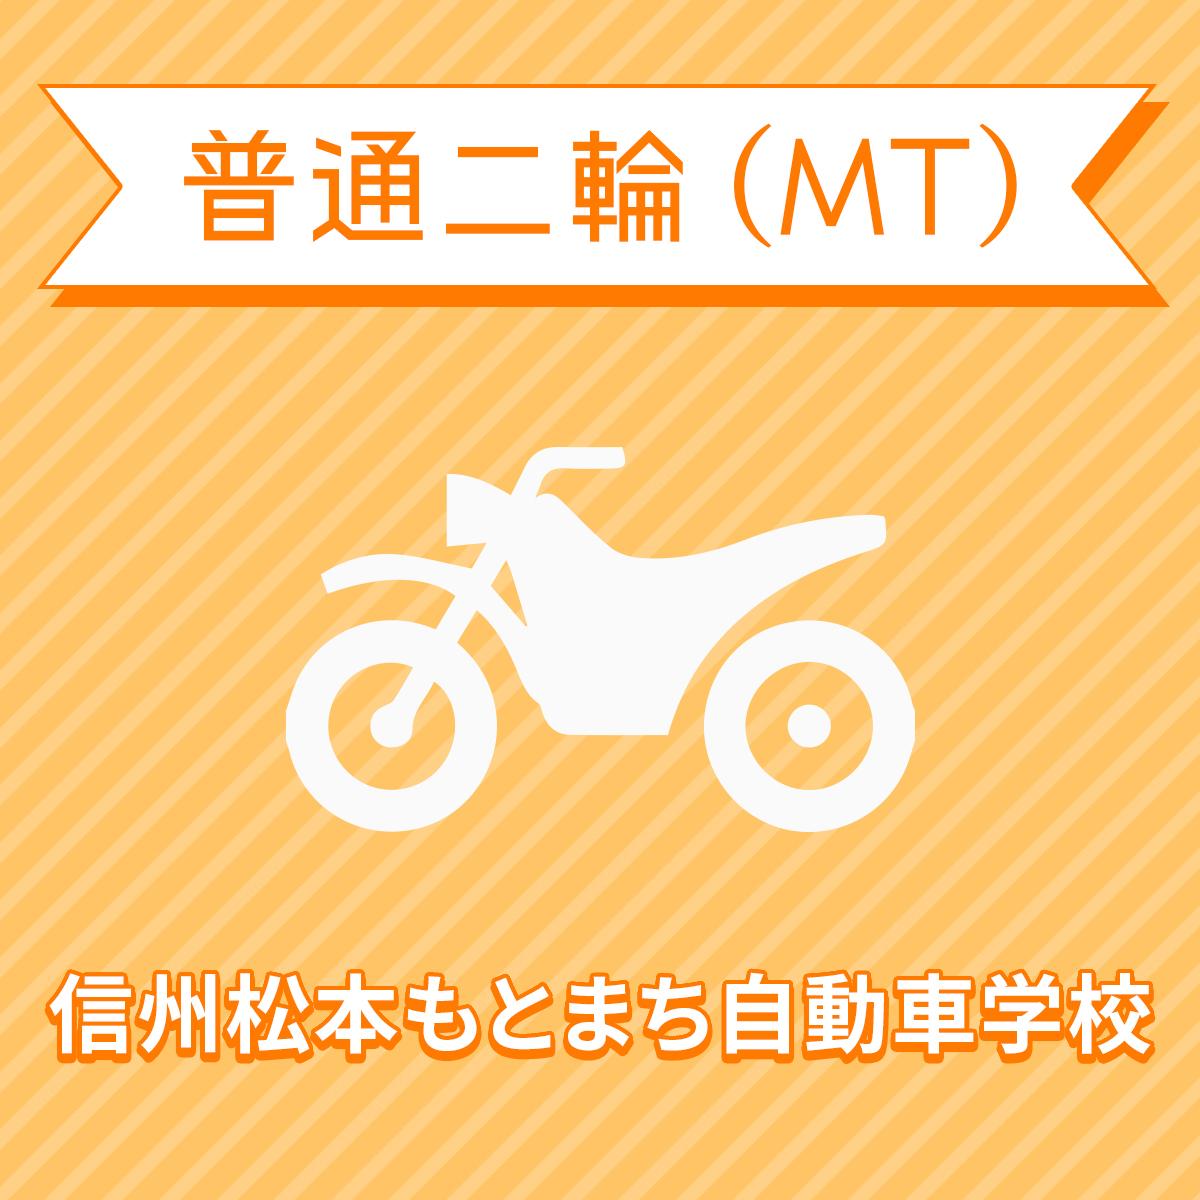 【長野県松本市】普通二輪MTコース<免許なし/原付免許所持対象>